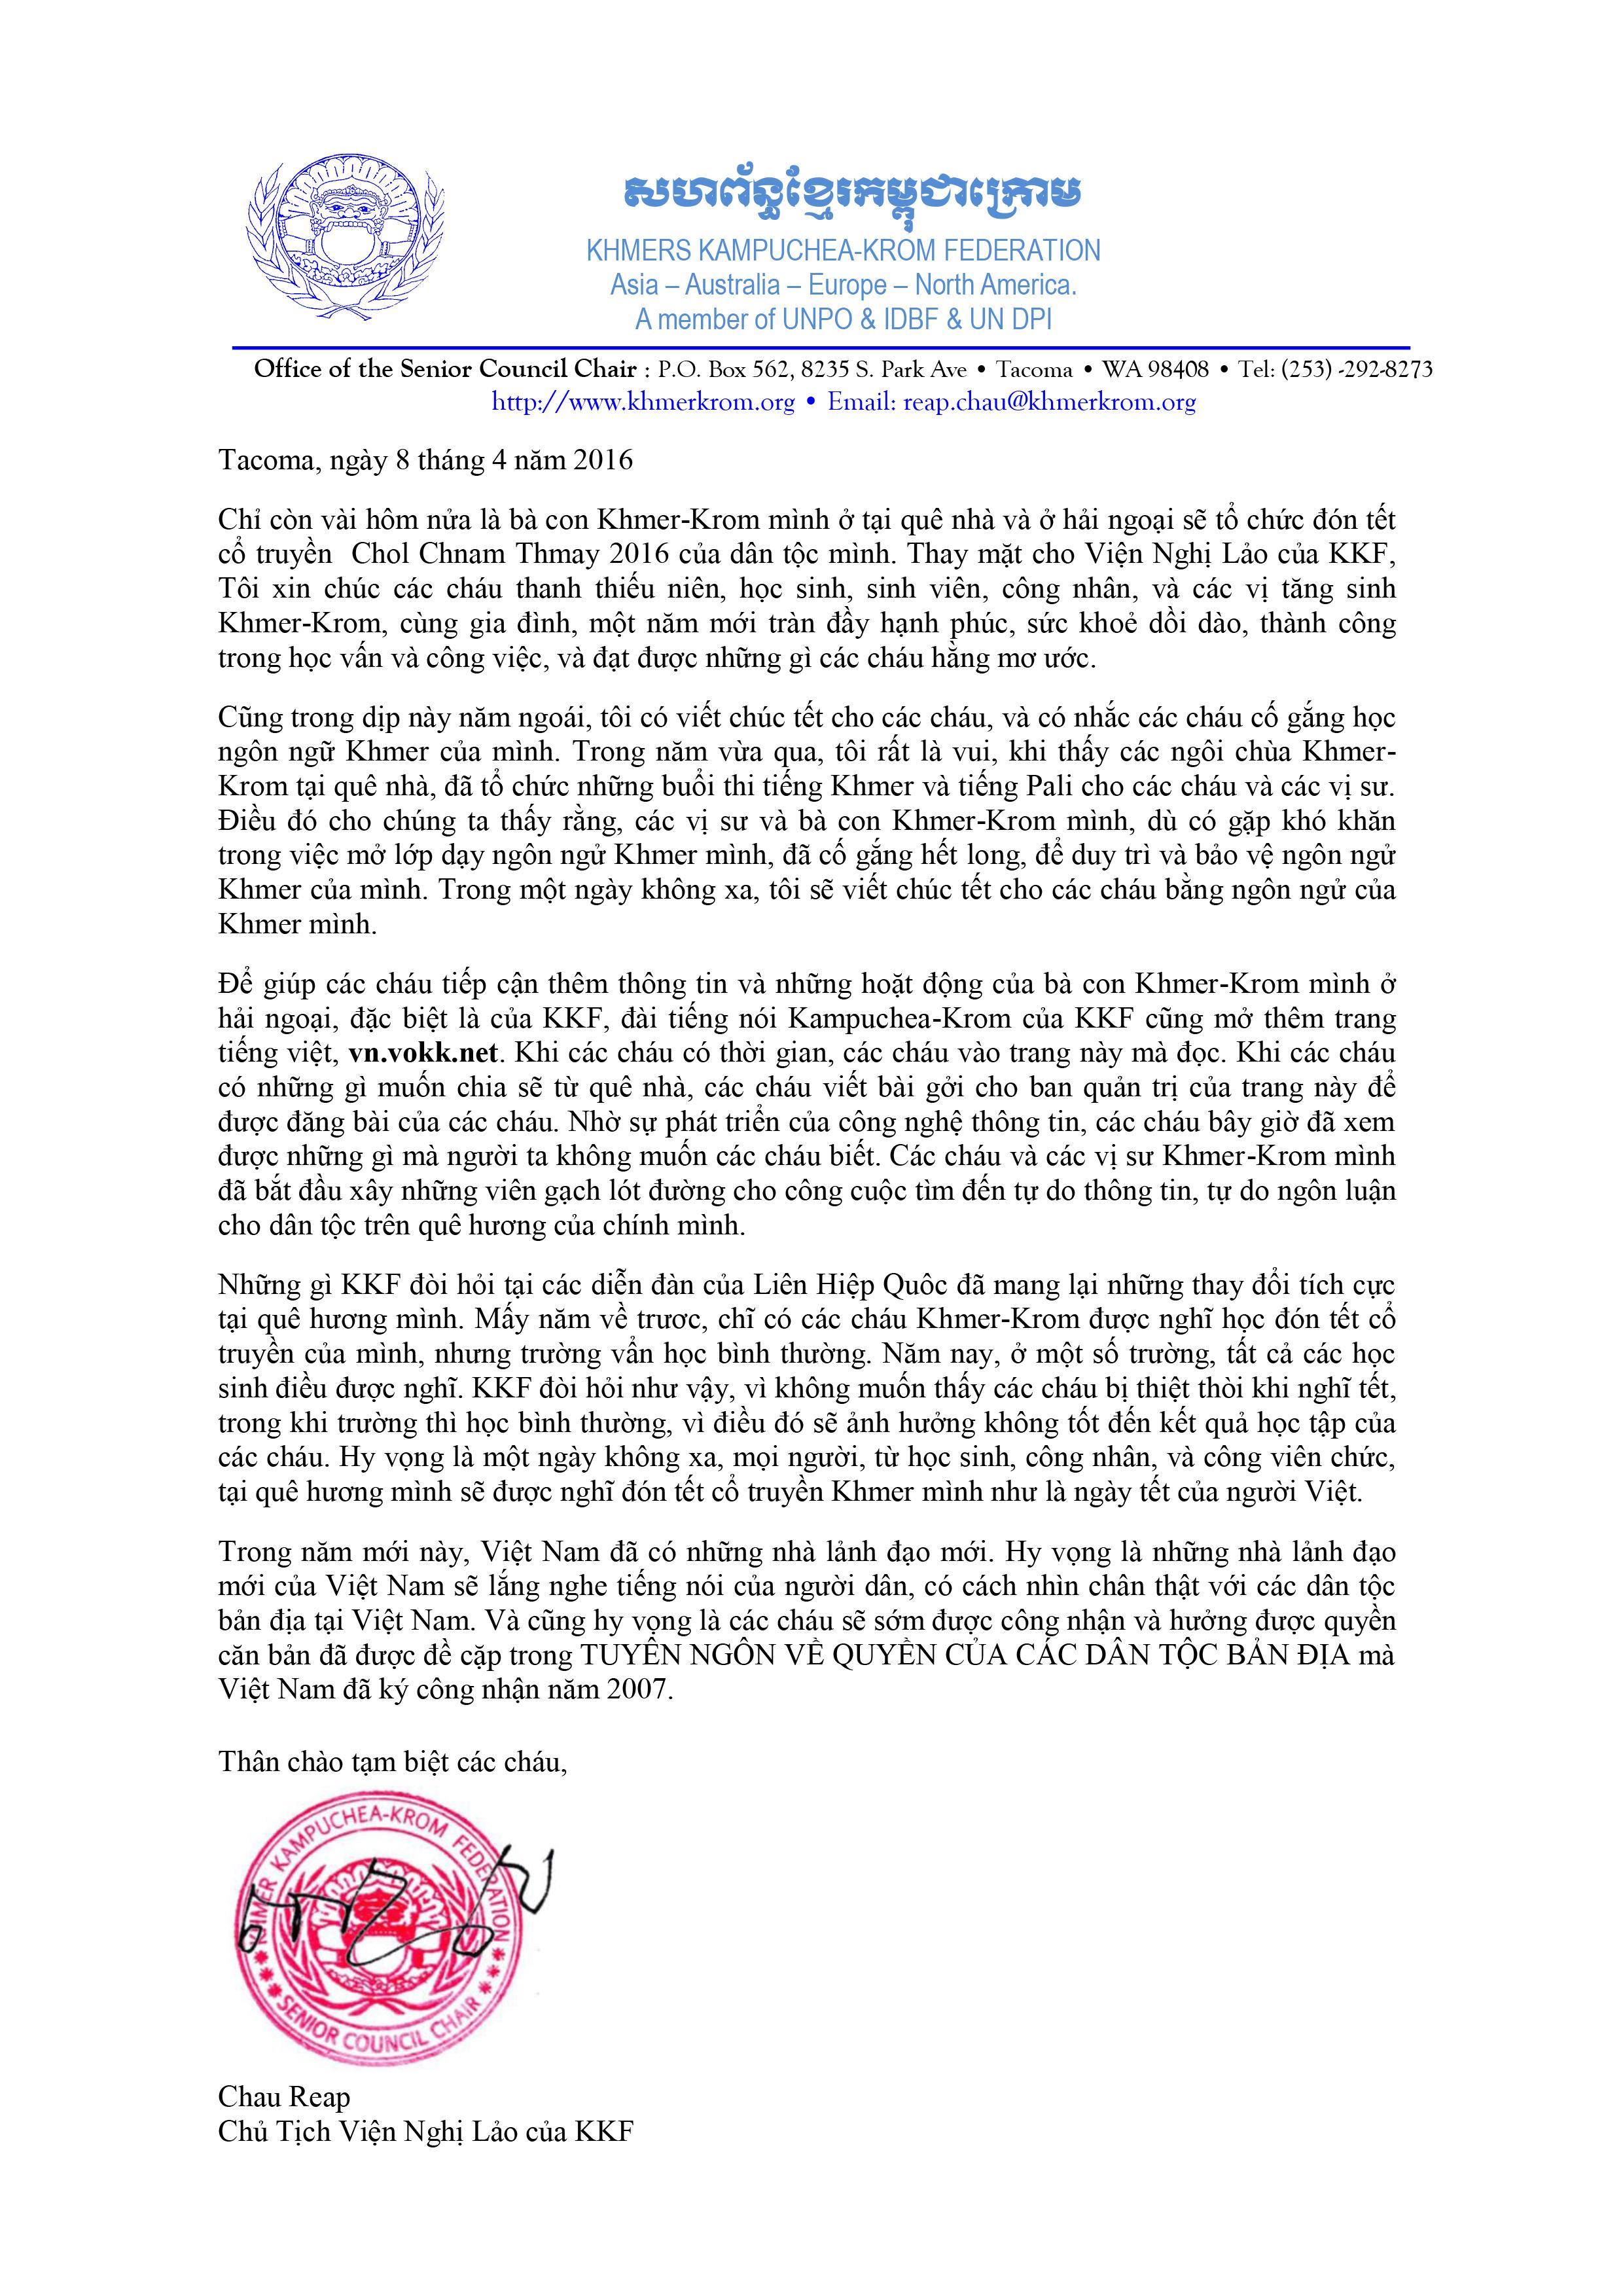 Thư Chúc Tết Cổ Truyền Chol Chnam Thmay 2016